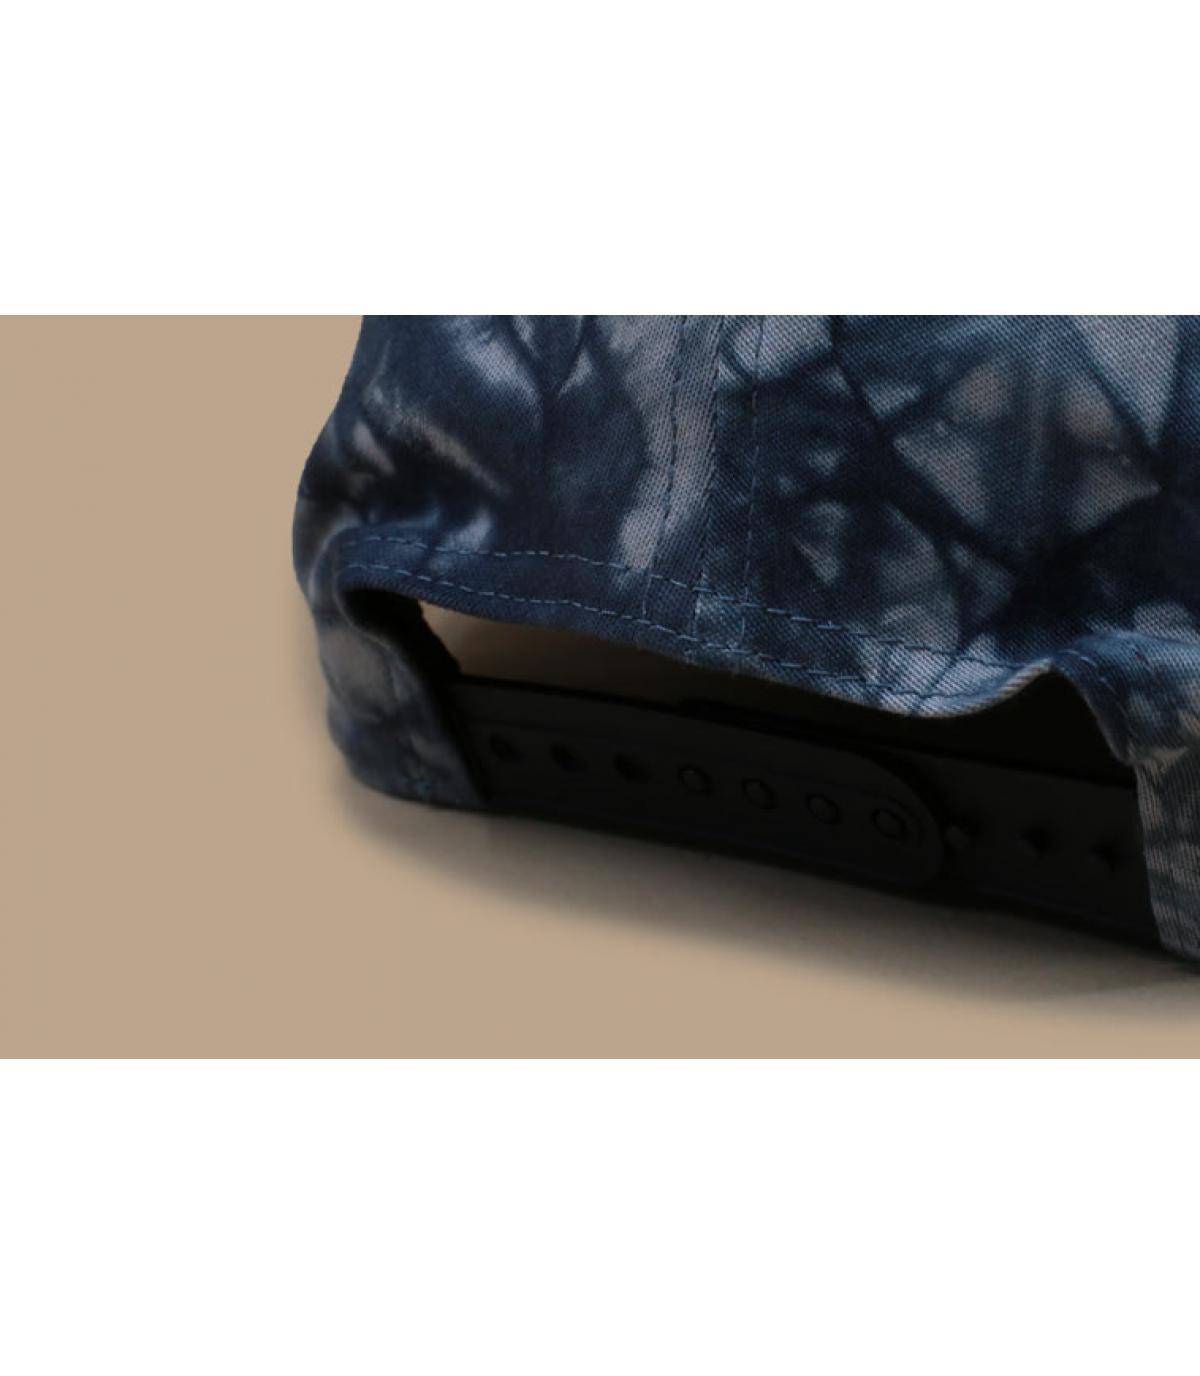 Détails Tie Dye Stretch Snap NY 950 black - image 5